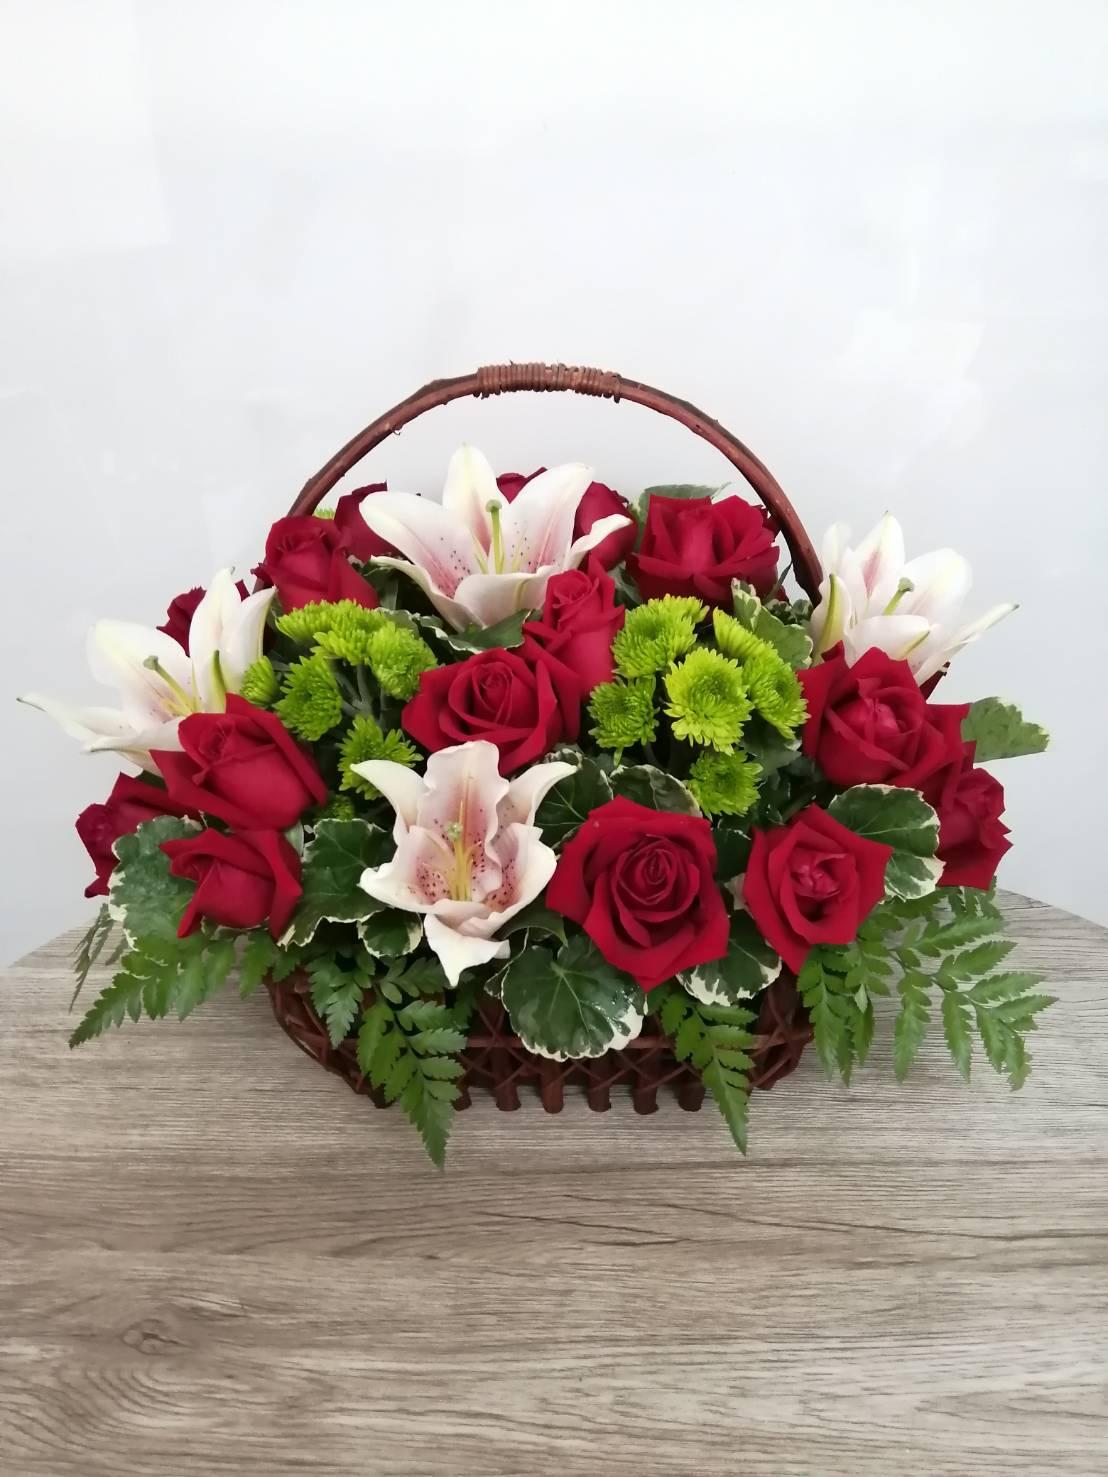 กระเช้าดอกไม้น่ารัก ๆ เอาใจคนชอบดอกกุหลาบและดอกลิลลี่เป็นที่สุดค่ะ